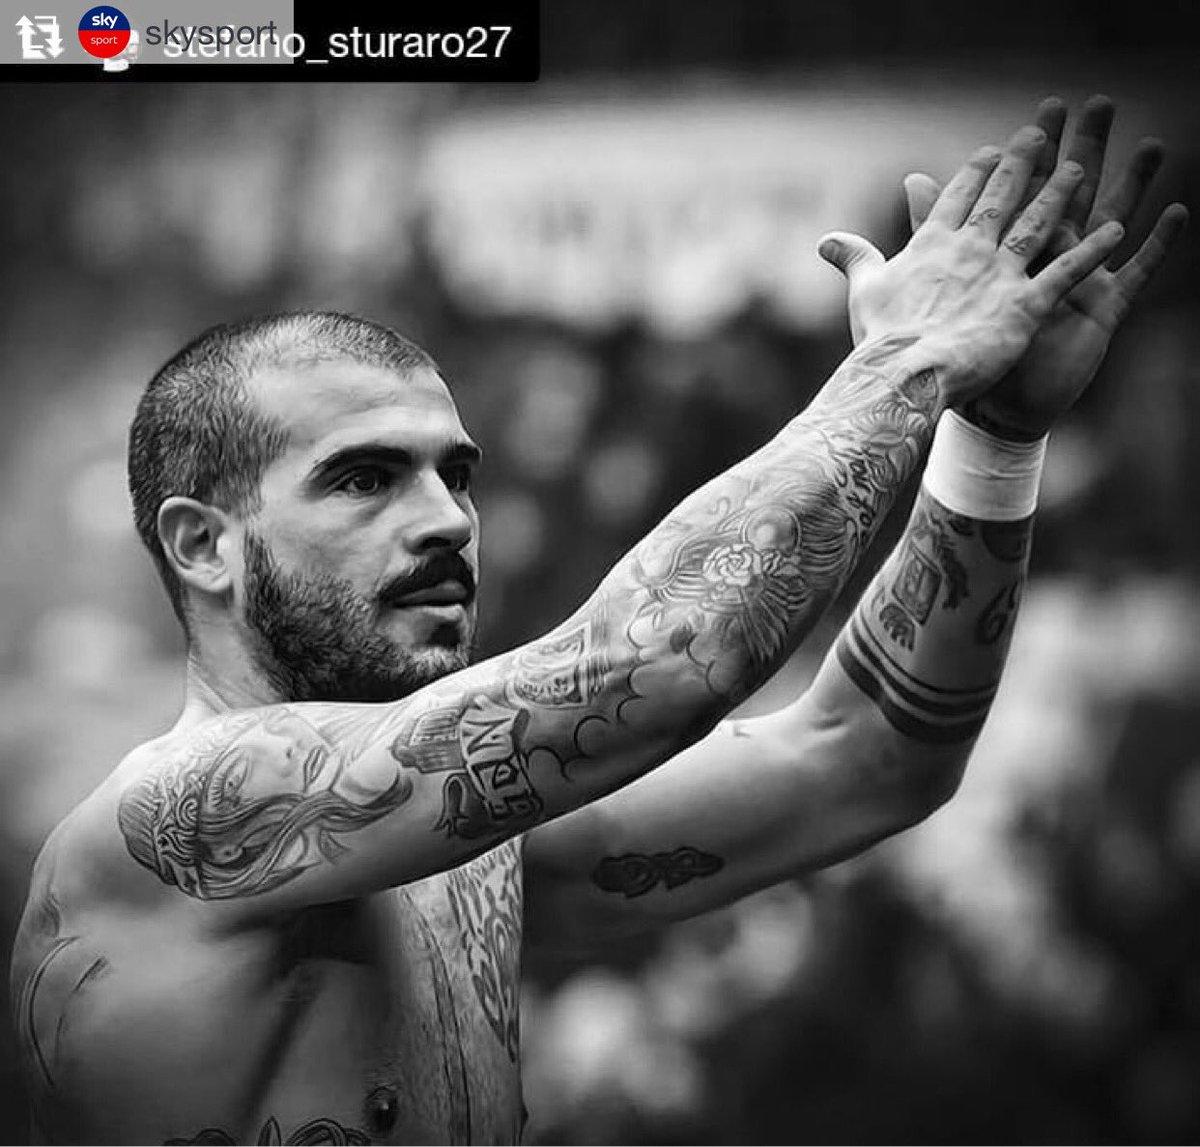 P #Sturaro saluta la #Juve Va in prestito allo #Sporting «Fino alla fine ho dato tutto per i colori bianconeri»#SkySport  - Ukustom